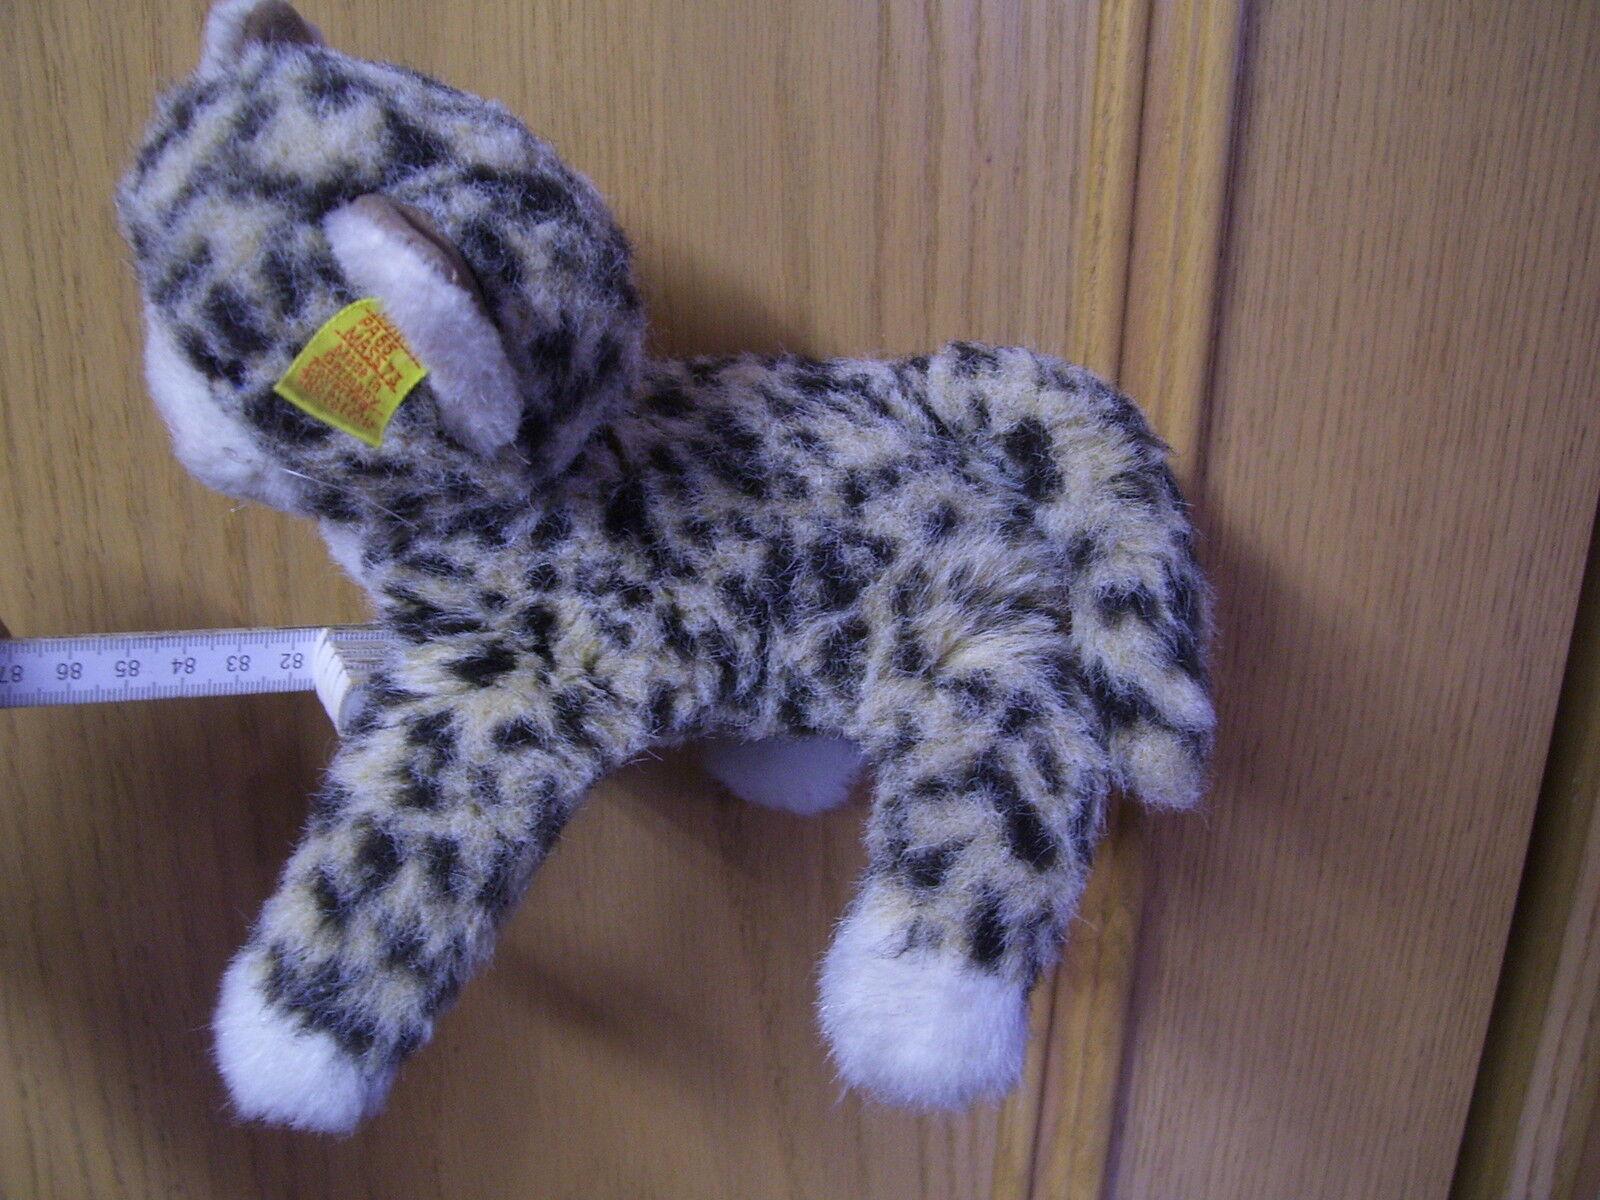 Alte Steiff  Katze Steiff Cat Tabby Knitted Fur 2732/17 1979 - 1983